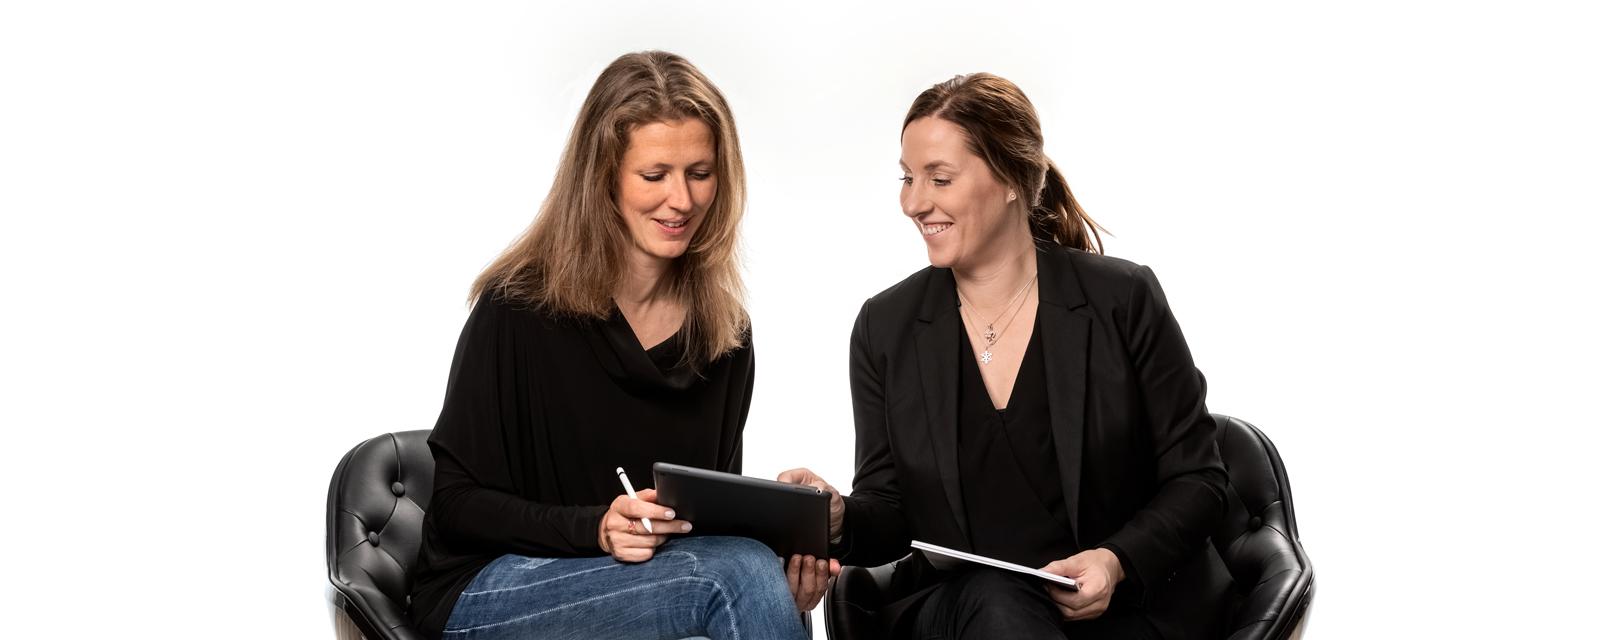 Rechtsanwältin Anne Köhler und Rechtsanwältin Stefanie Beier erstellen Arbeitsverträge für Arztpraxen.